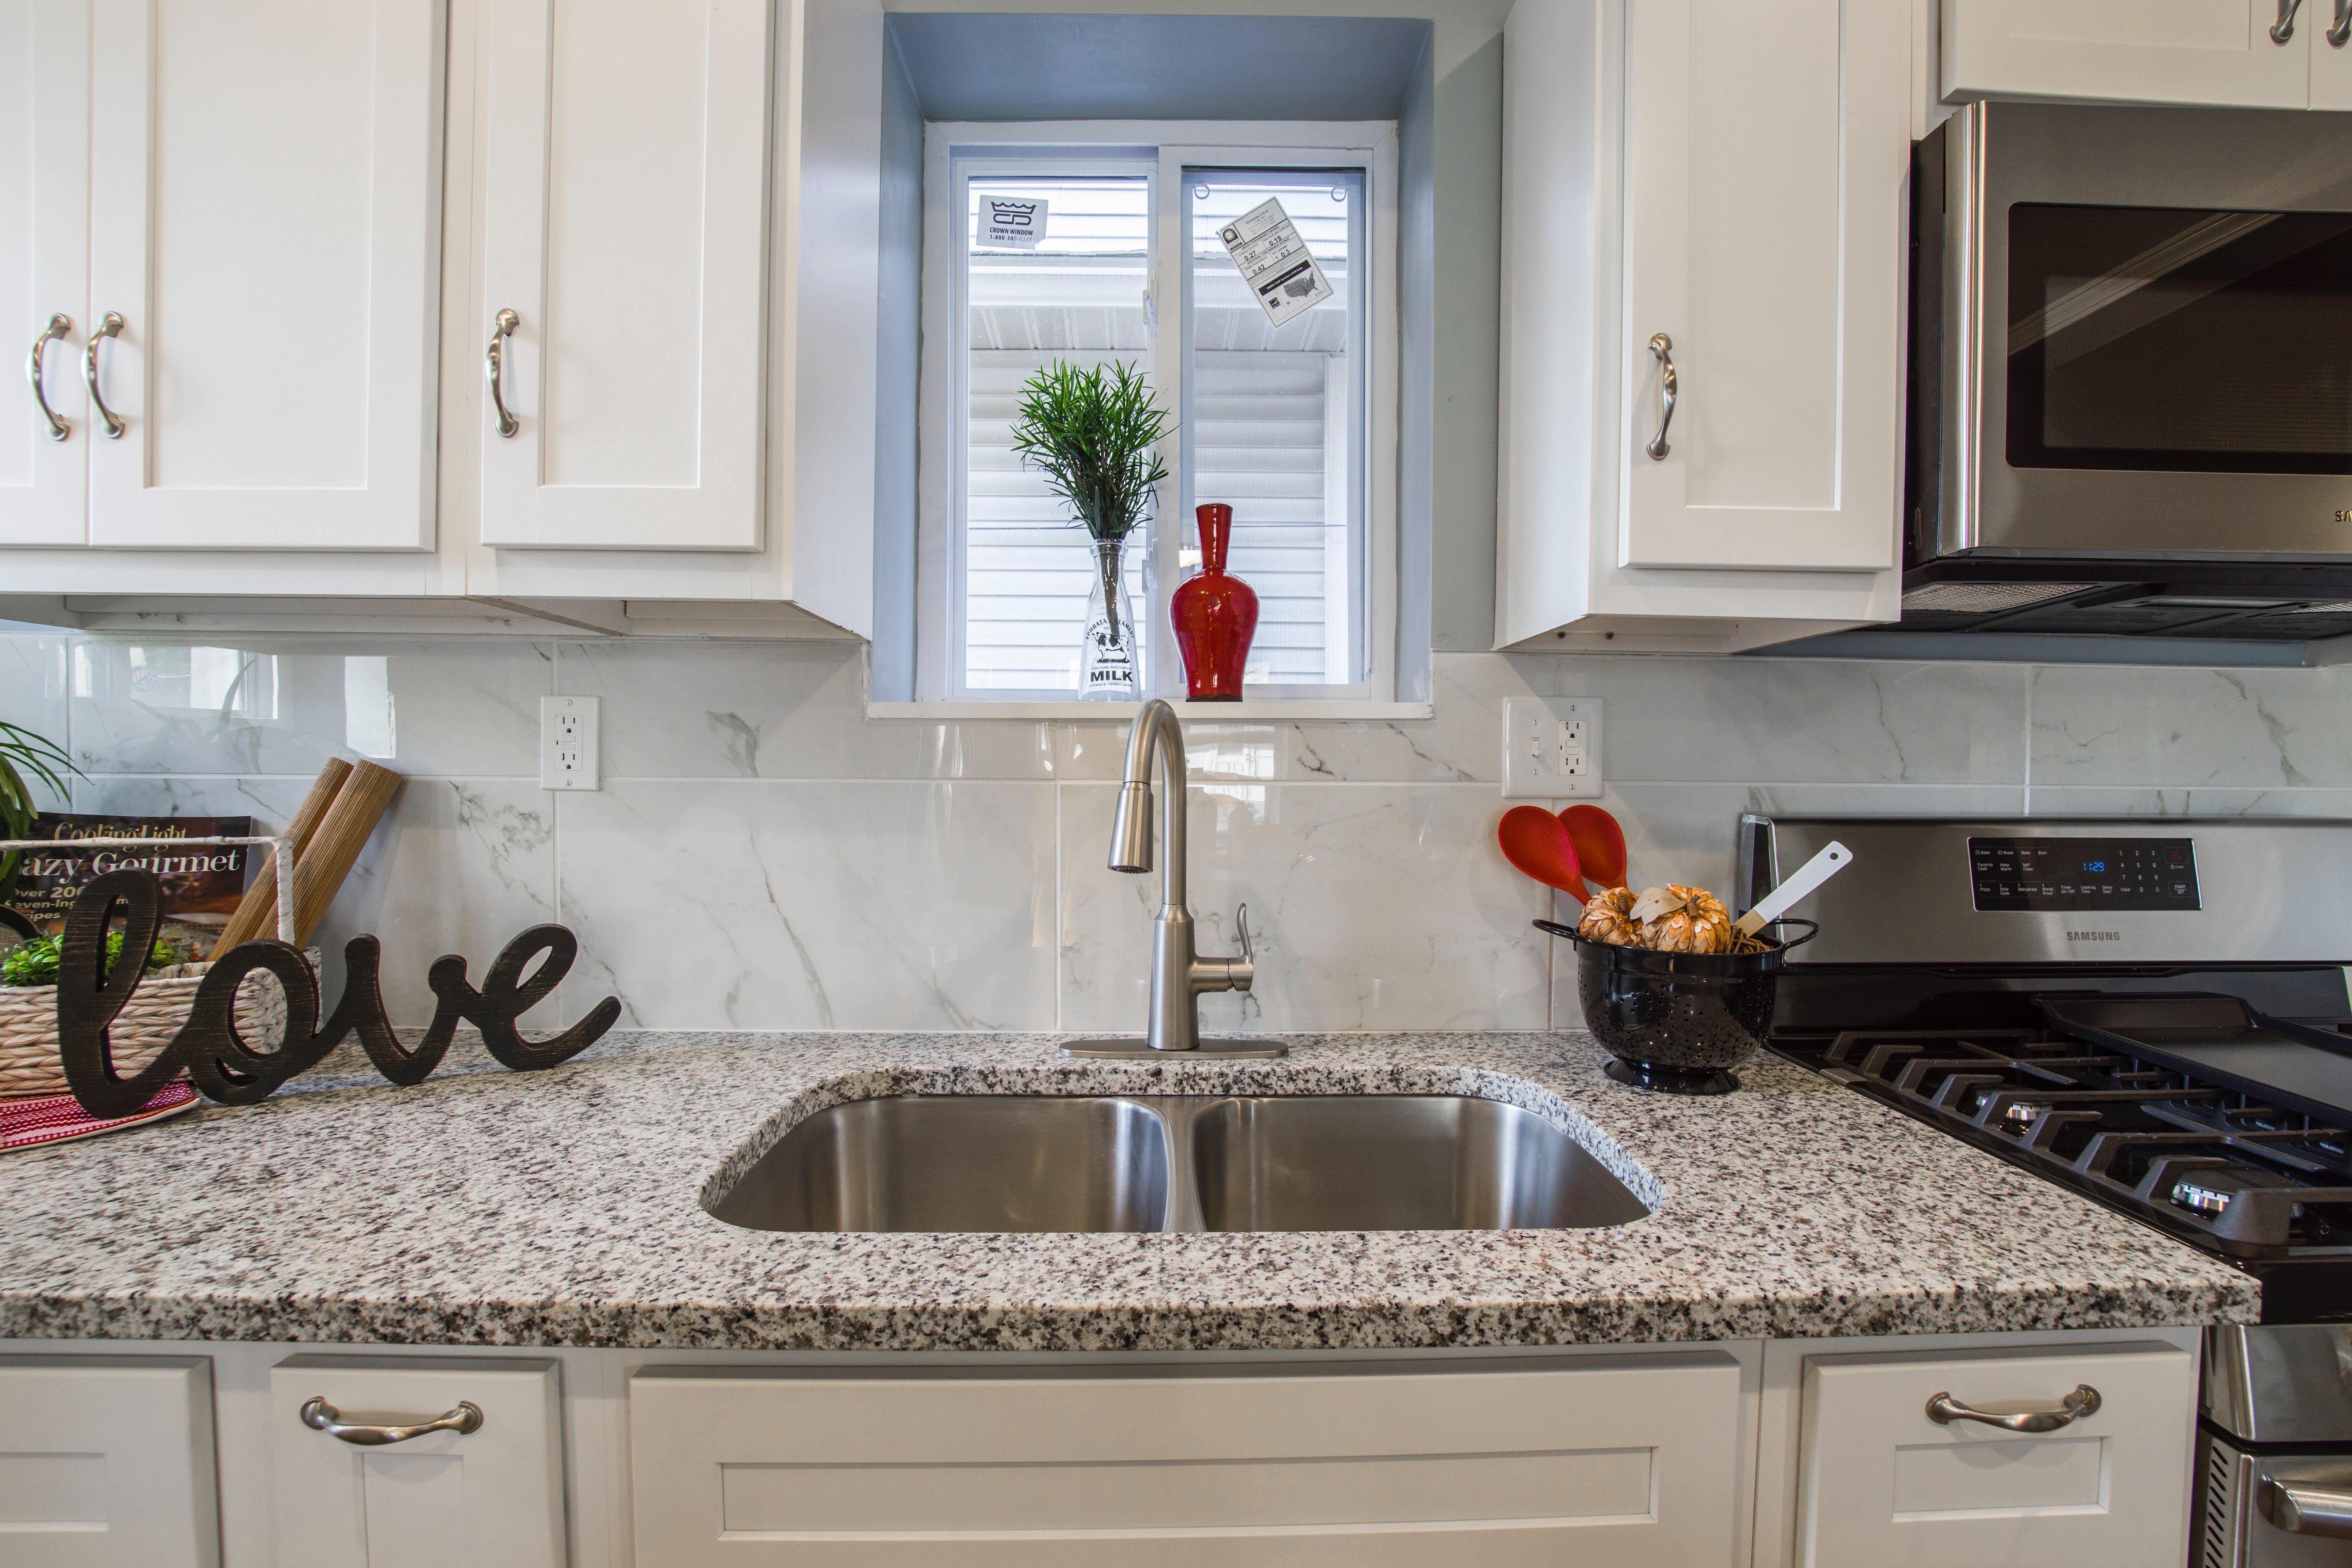 installing precut granite or custom granite